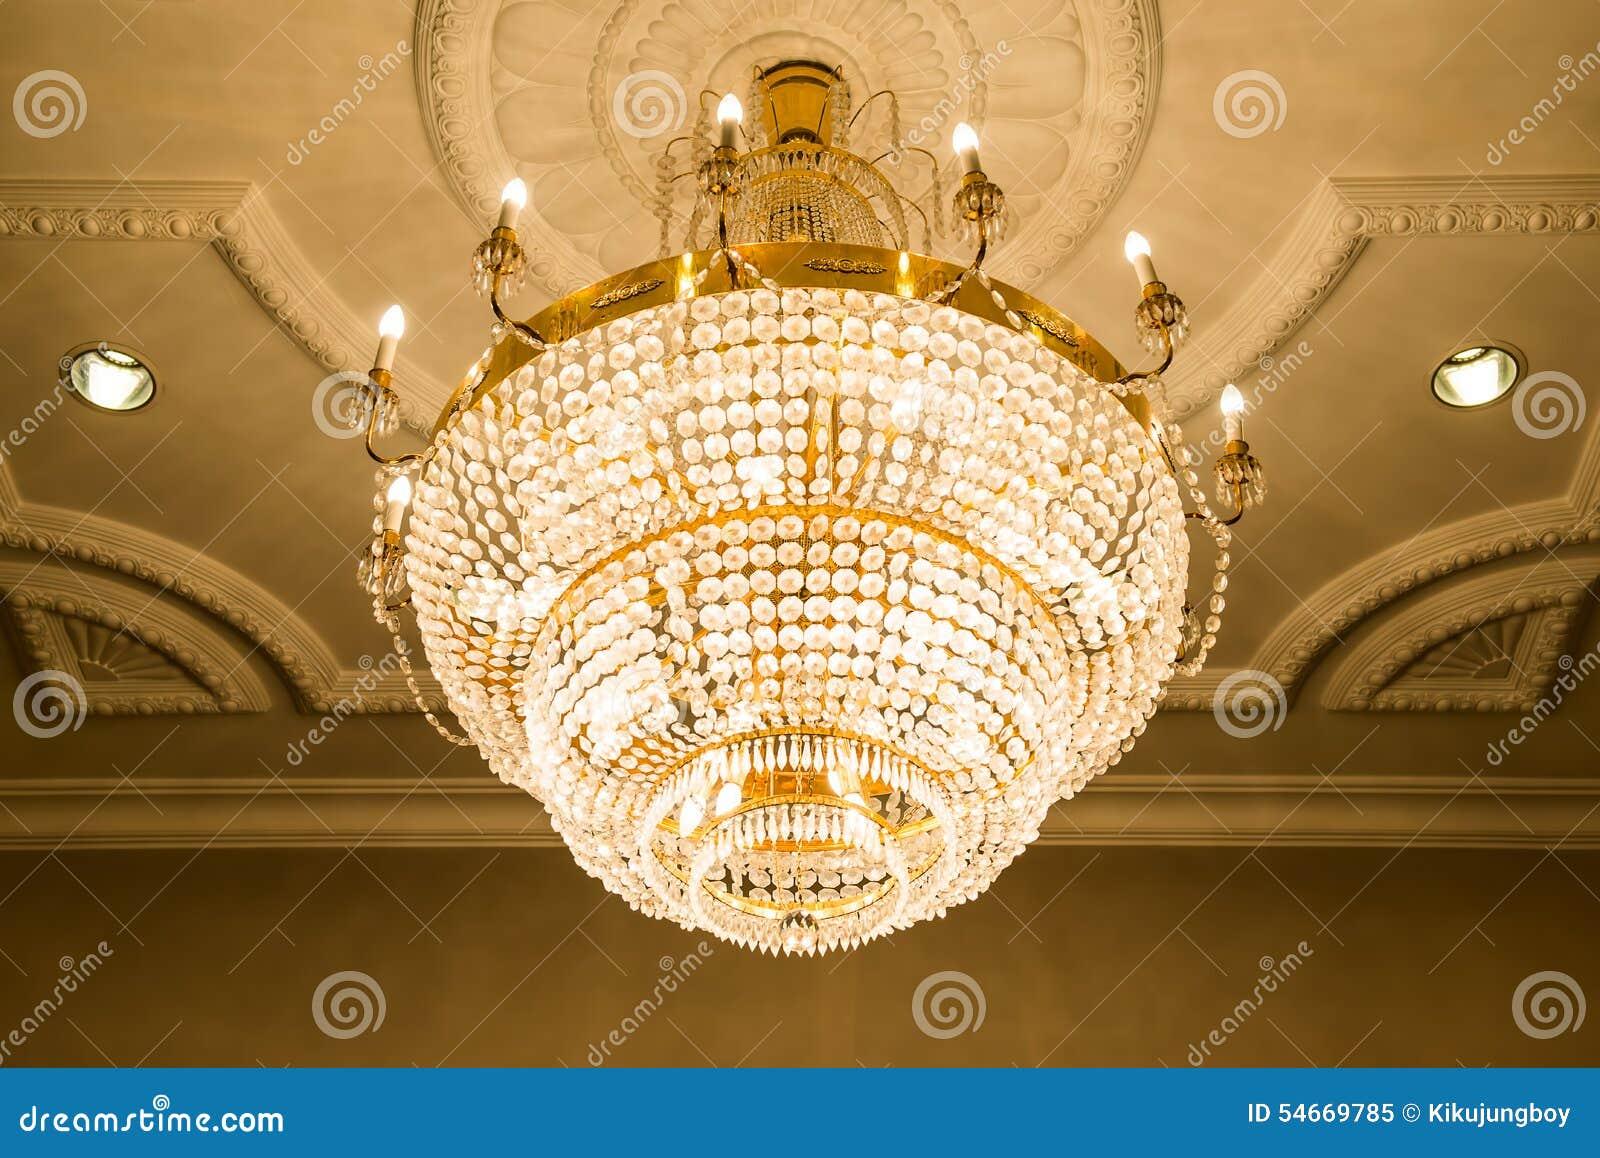 beau lustre en cristal dans la chambre de boule image stock image du h tel l gant 54669785. Black Bedroom Furniture Sets. Home Design Ideas